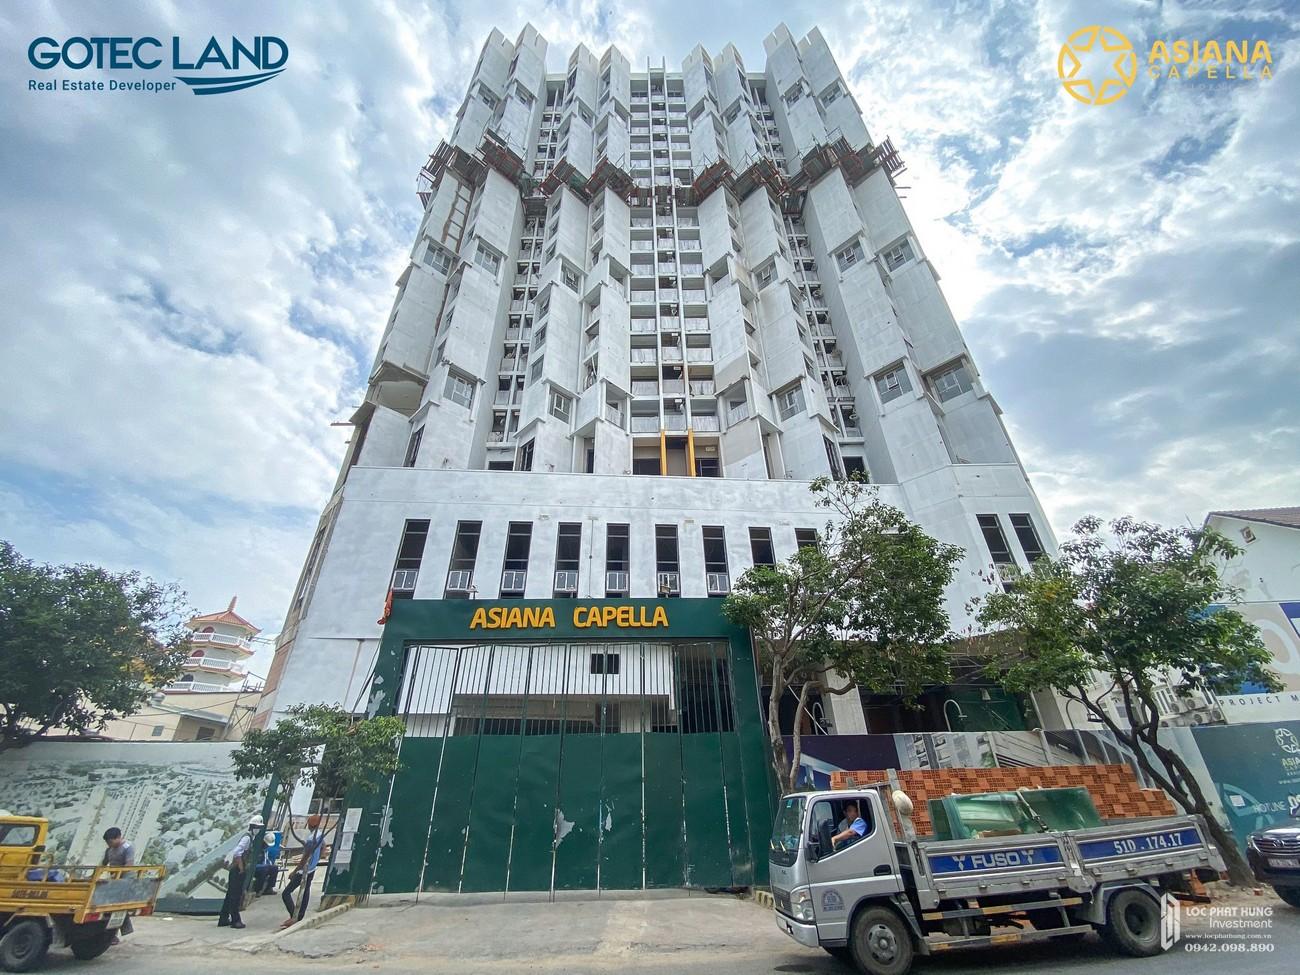 Tiến độ dự án căn hộ chung cư Asiana Capella Quận 6 Đường 184 Trần Văn Kiểu chủ đầu tư Gotec Land